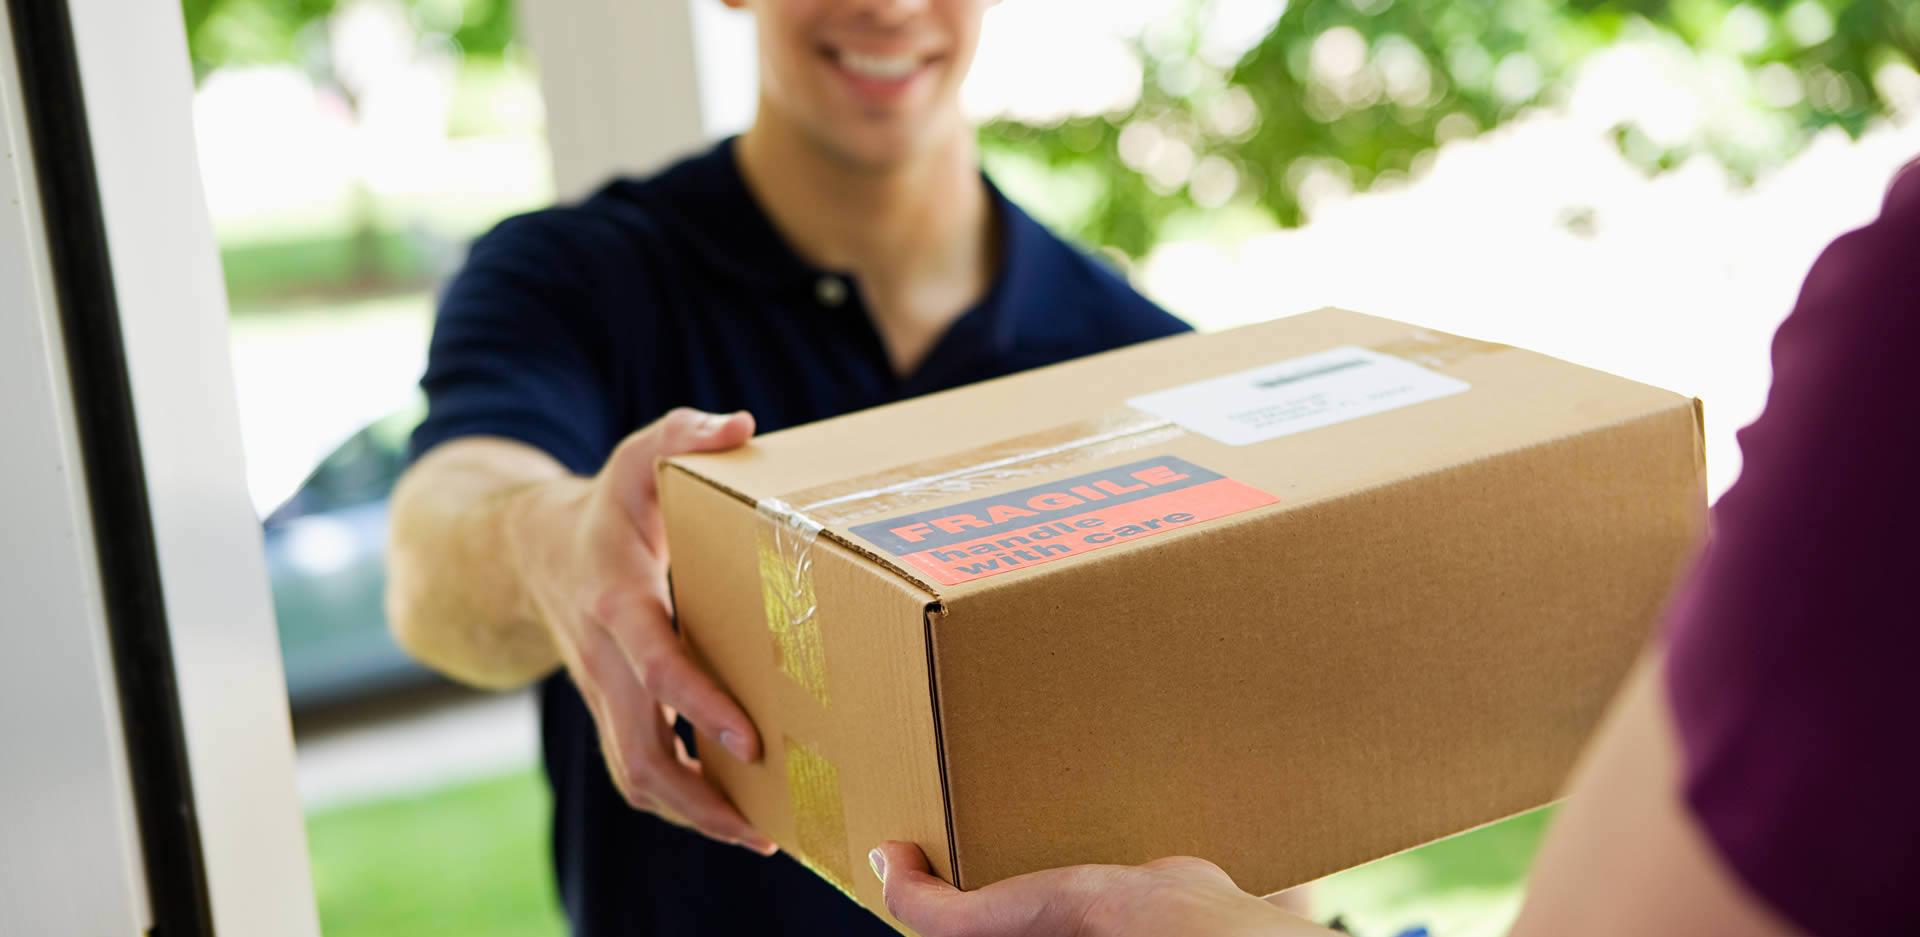 Corriere consegna pacco danneggiato